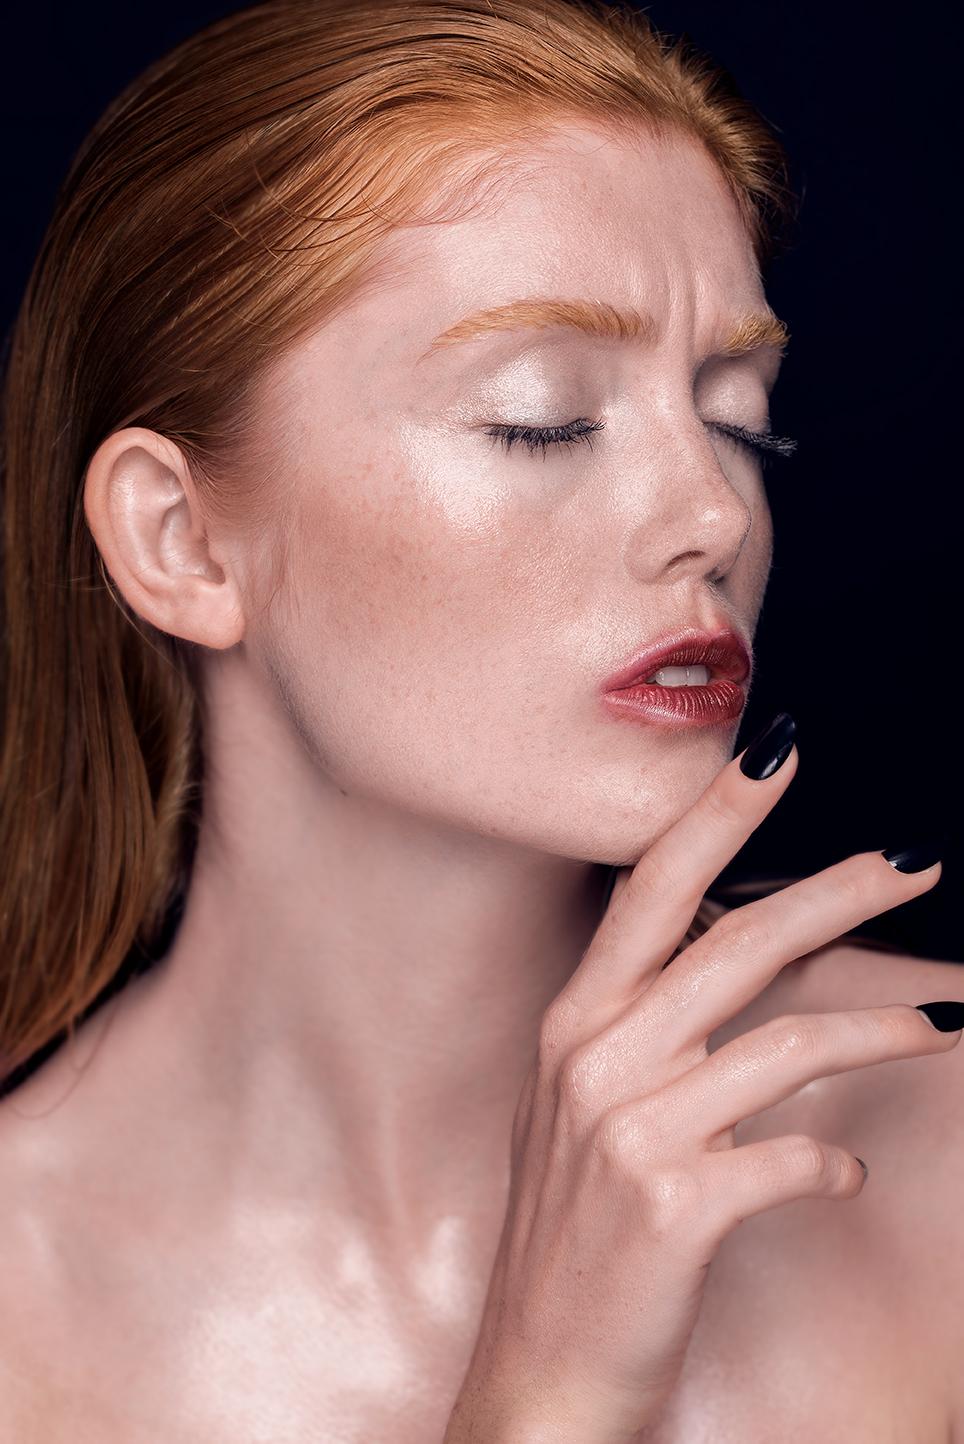 William_Clark Beauty retouching